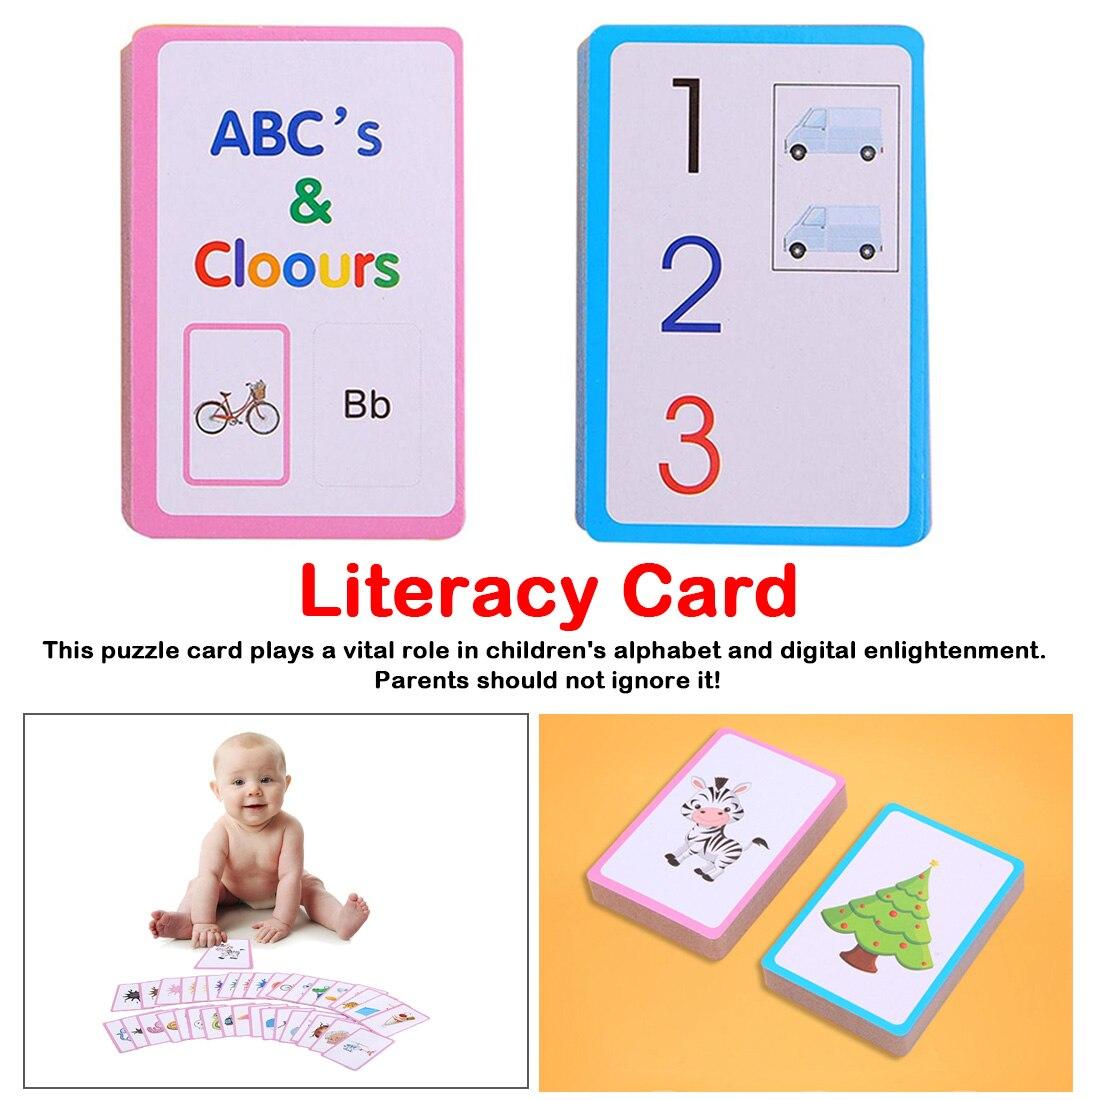 36 Uds. Juego de escritura para bebés tarjetas Flash para aprender inglés Número de palabras juego de escritura para bebés tarjetas educativos 1: 70 Kits de modelo de barco de madera ensamblado clásico de modelado de velero de madera de juguete de acorazado ofrecen instrucciones en inglés